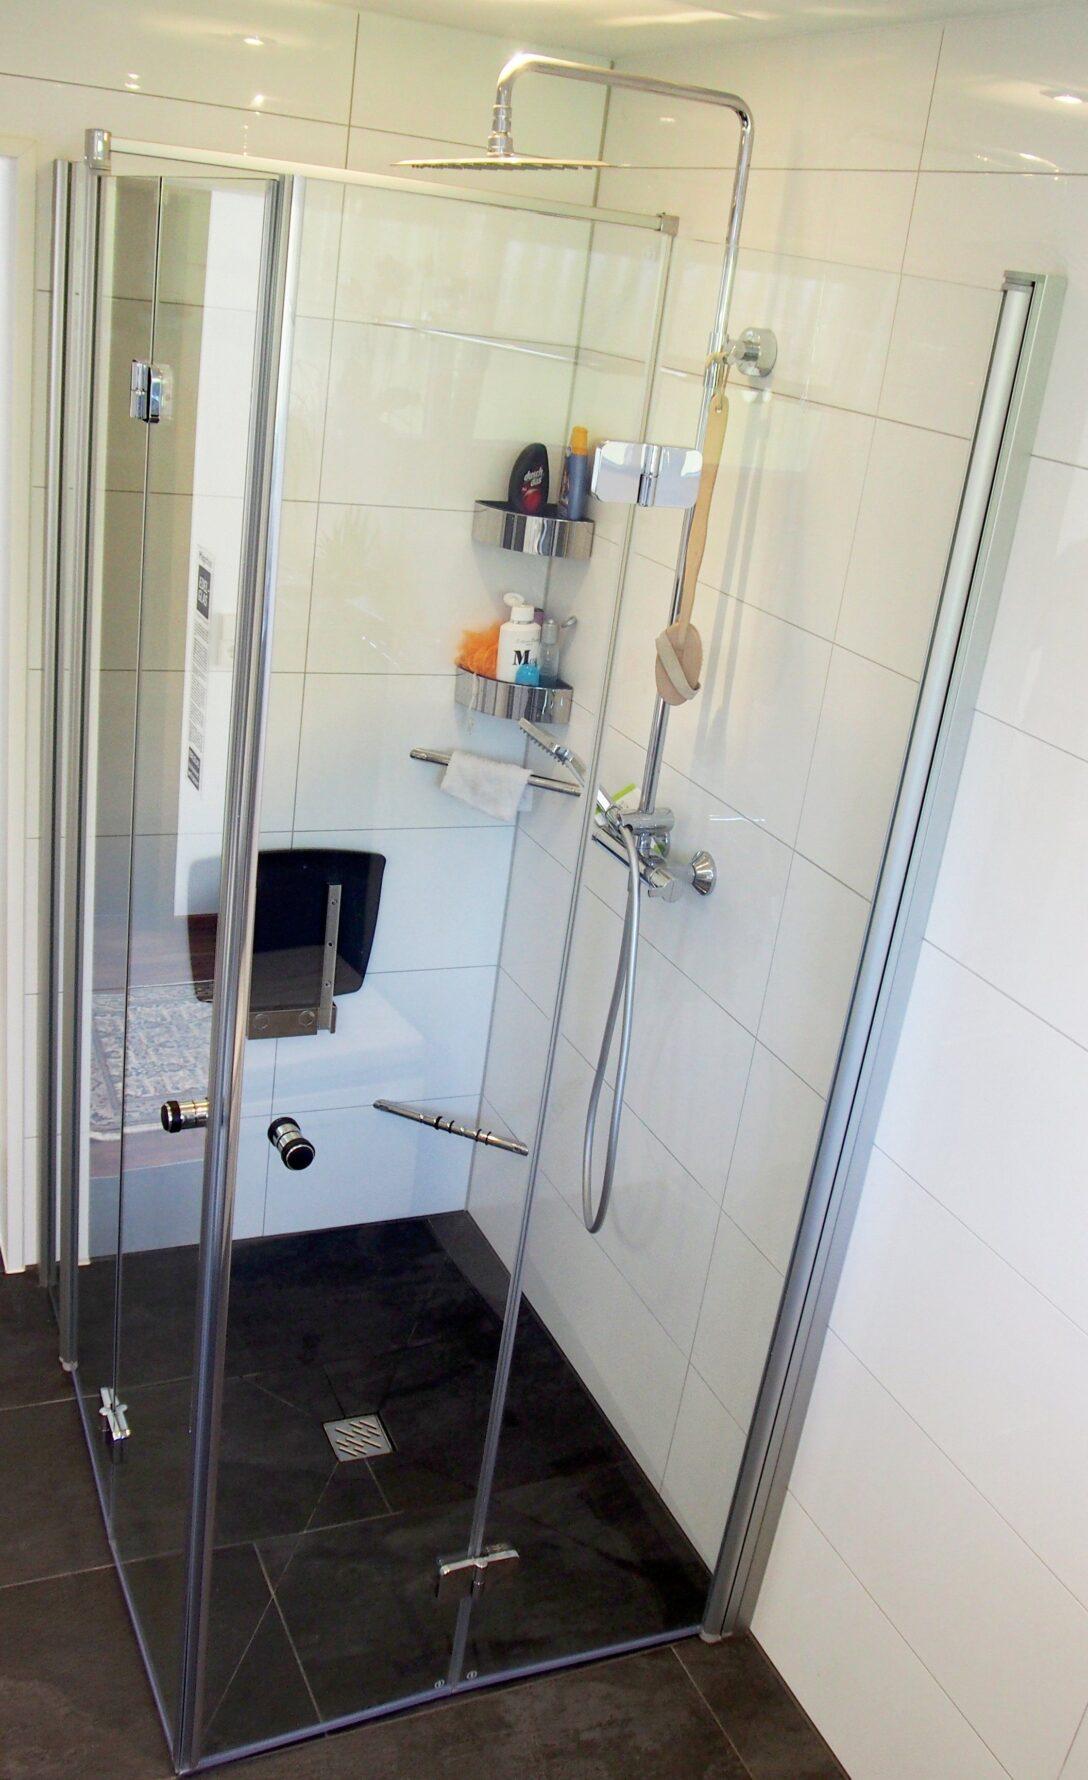 Large Size of Bodengleiche Dusche Mit Duschsitz Und Falttren Glasabtrennung Einbauen Thermostat Breuer Duschen Begehbare Fliesen Mischbatterie Koralle Schulte Werksverkauf Dusche Bodengleiche Dusche